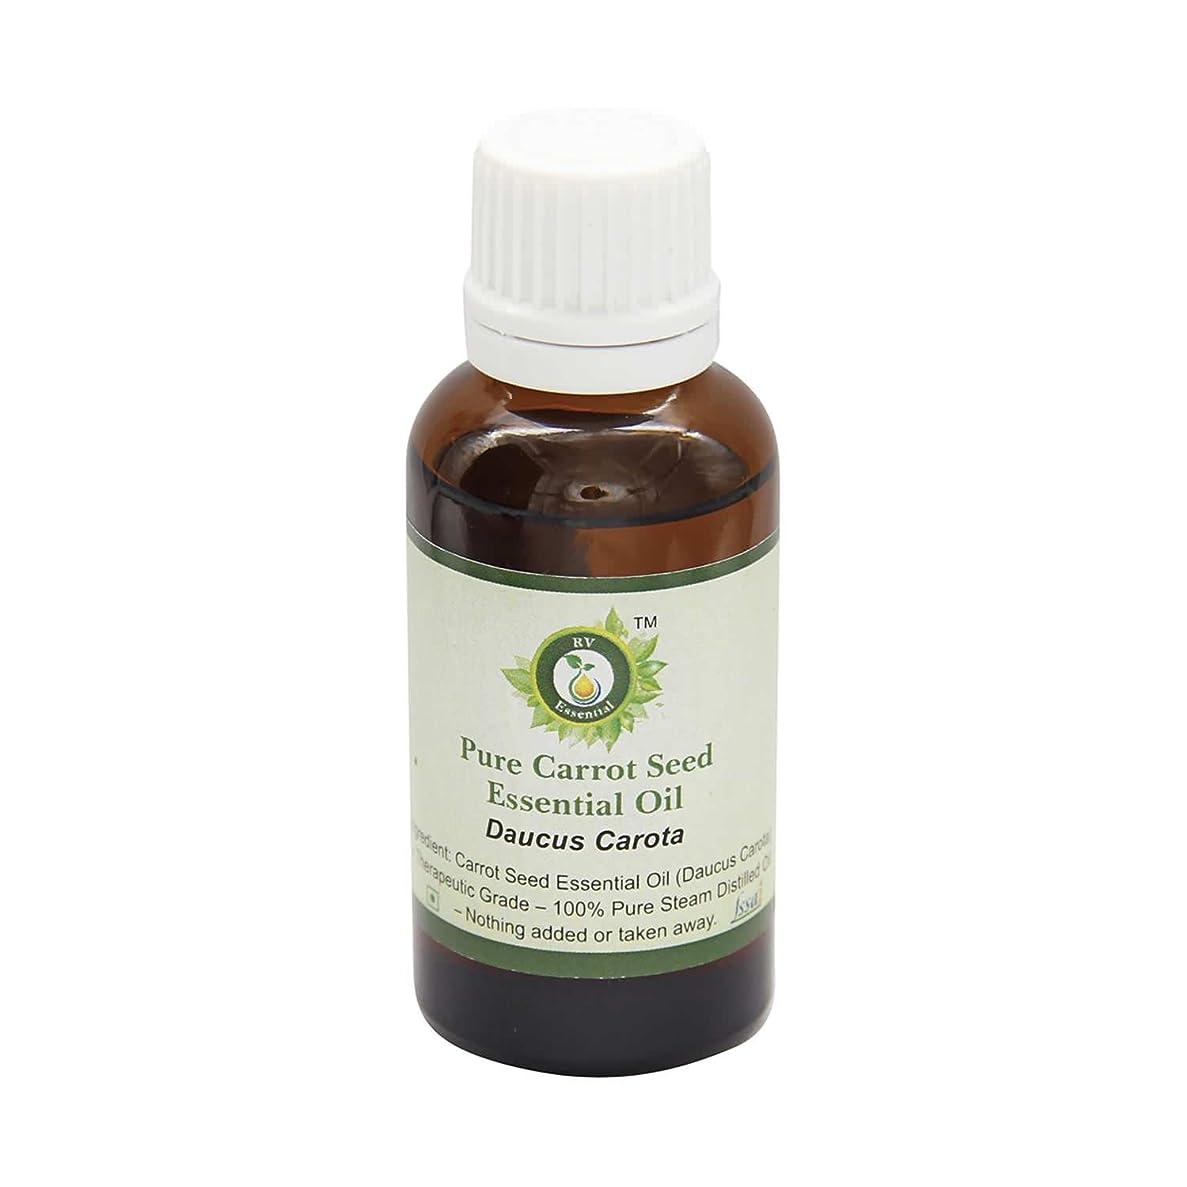 貫通するケーブルカー書道R V Essential ピュアキャロットシードエッセンシャルオイル30ml (1.01oz)- Daucus Carota (100%純粋&天然スチームDistilled) Pure Carrot Seed Essential Oil